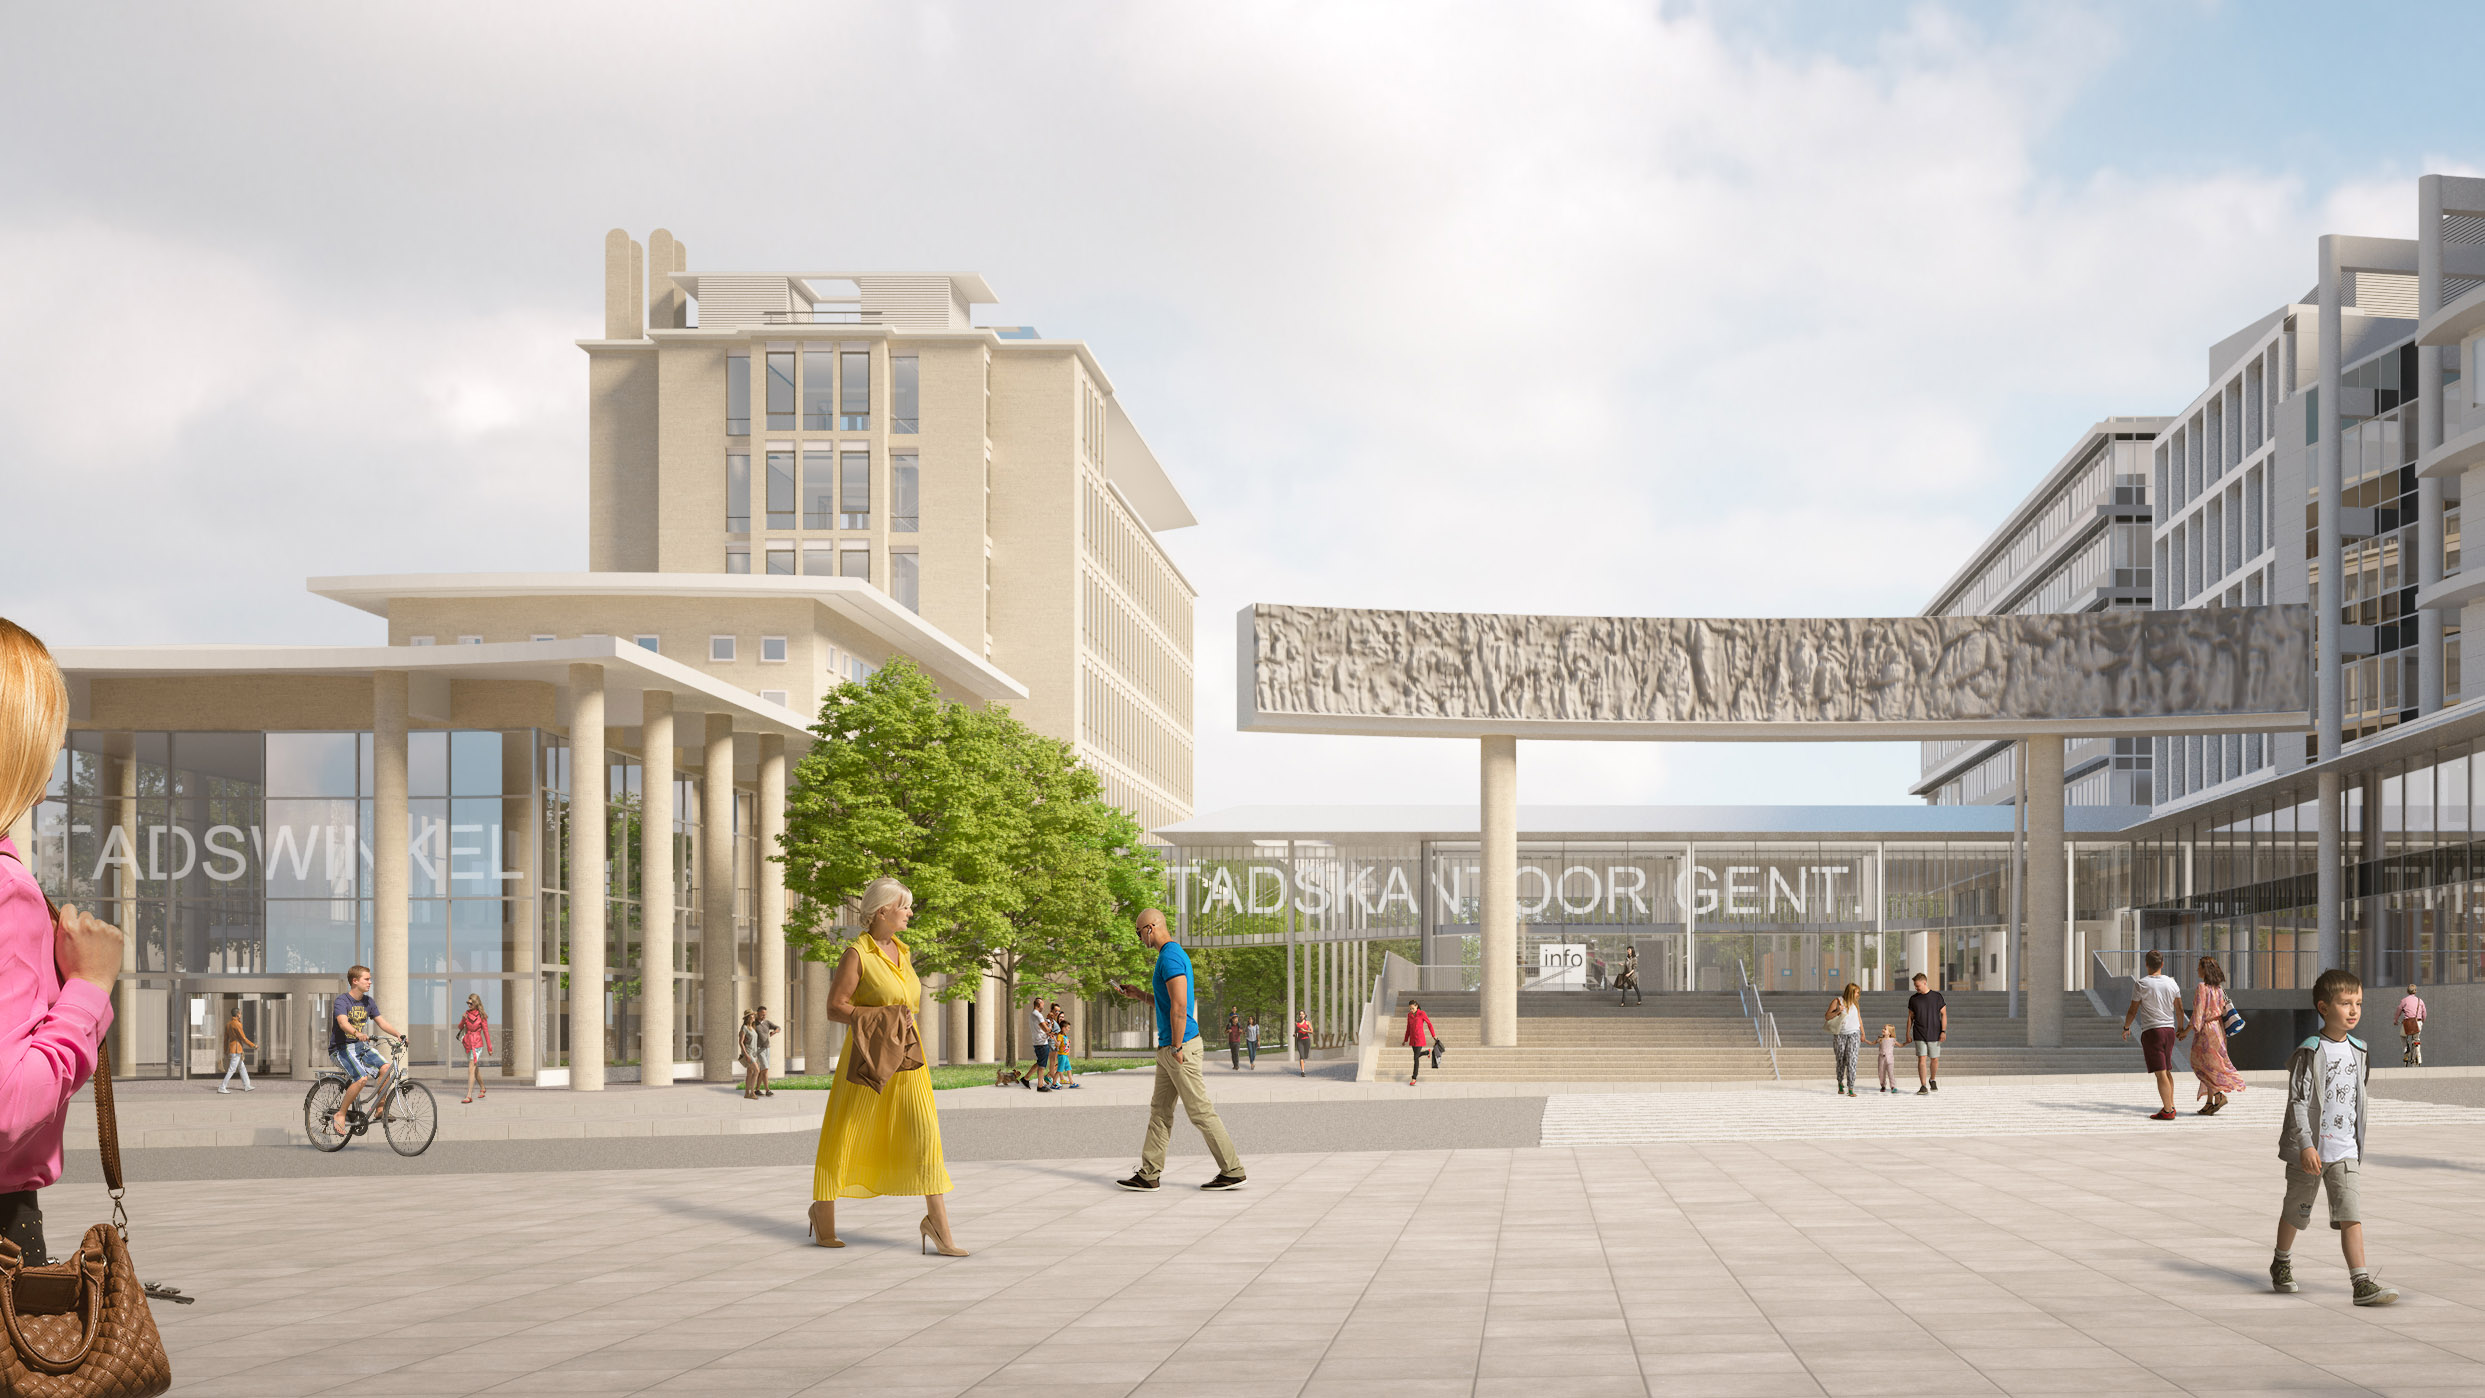 <p>Stadskantoor Gent &#8211; Kraaijvanger Architecten</p>